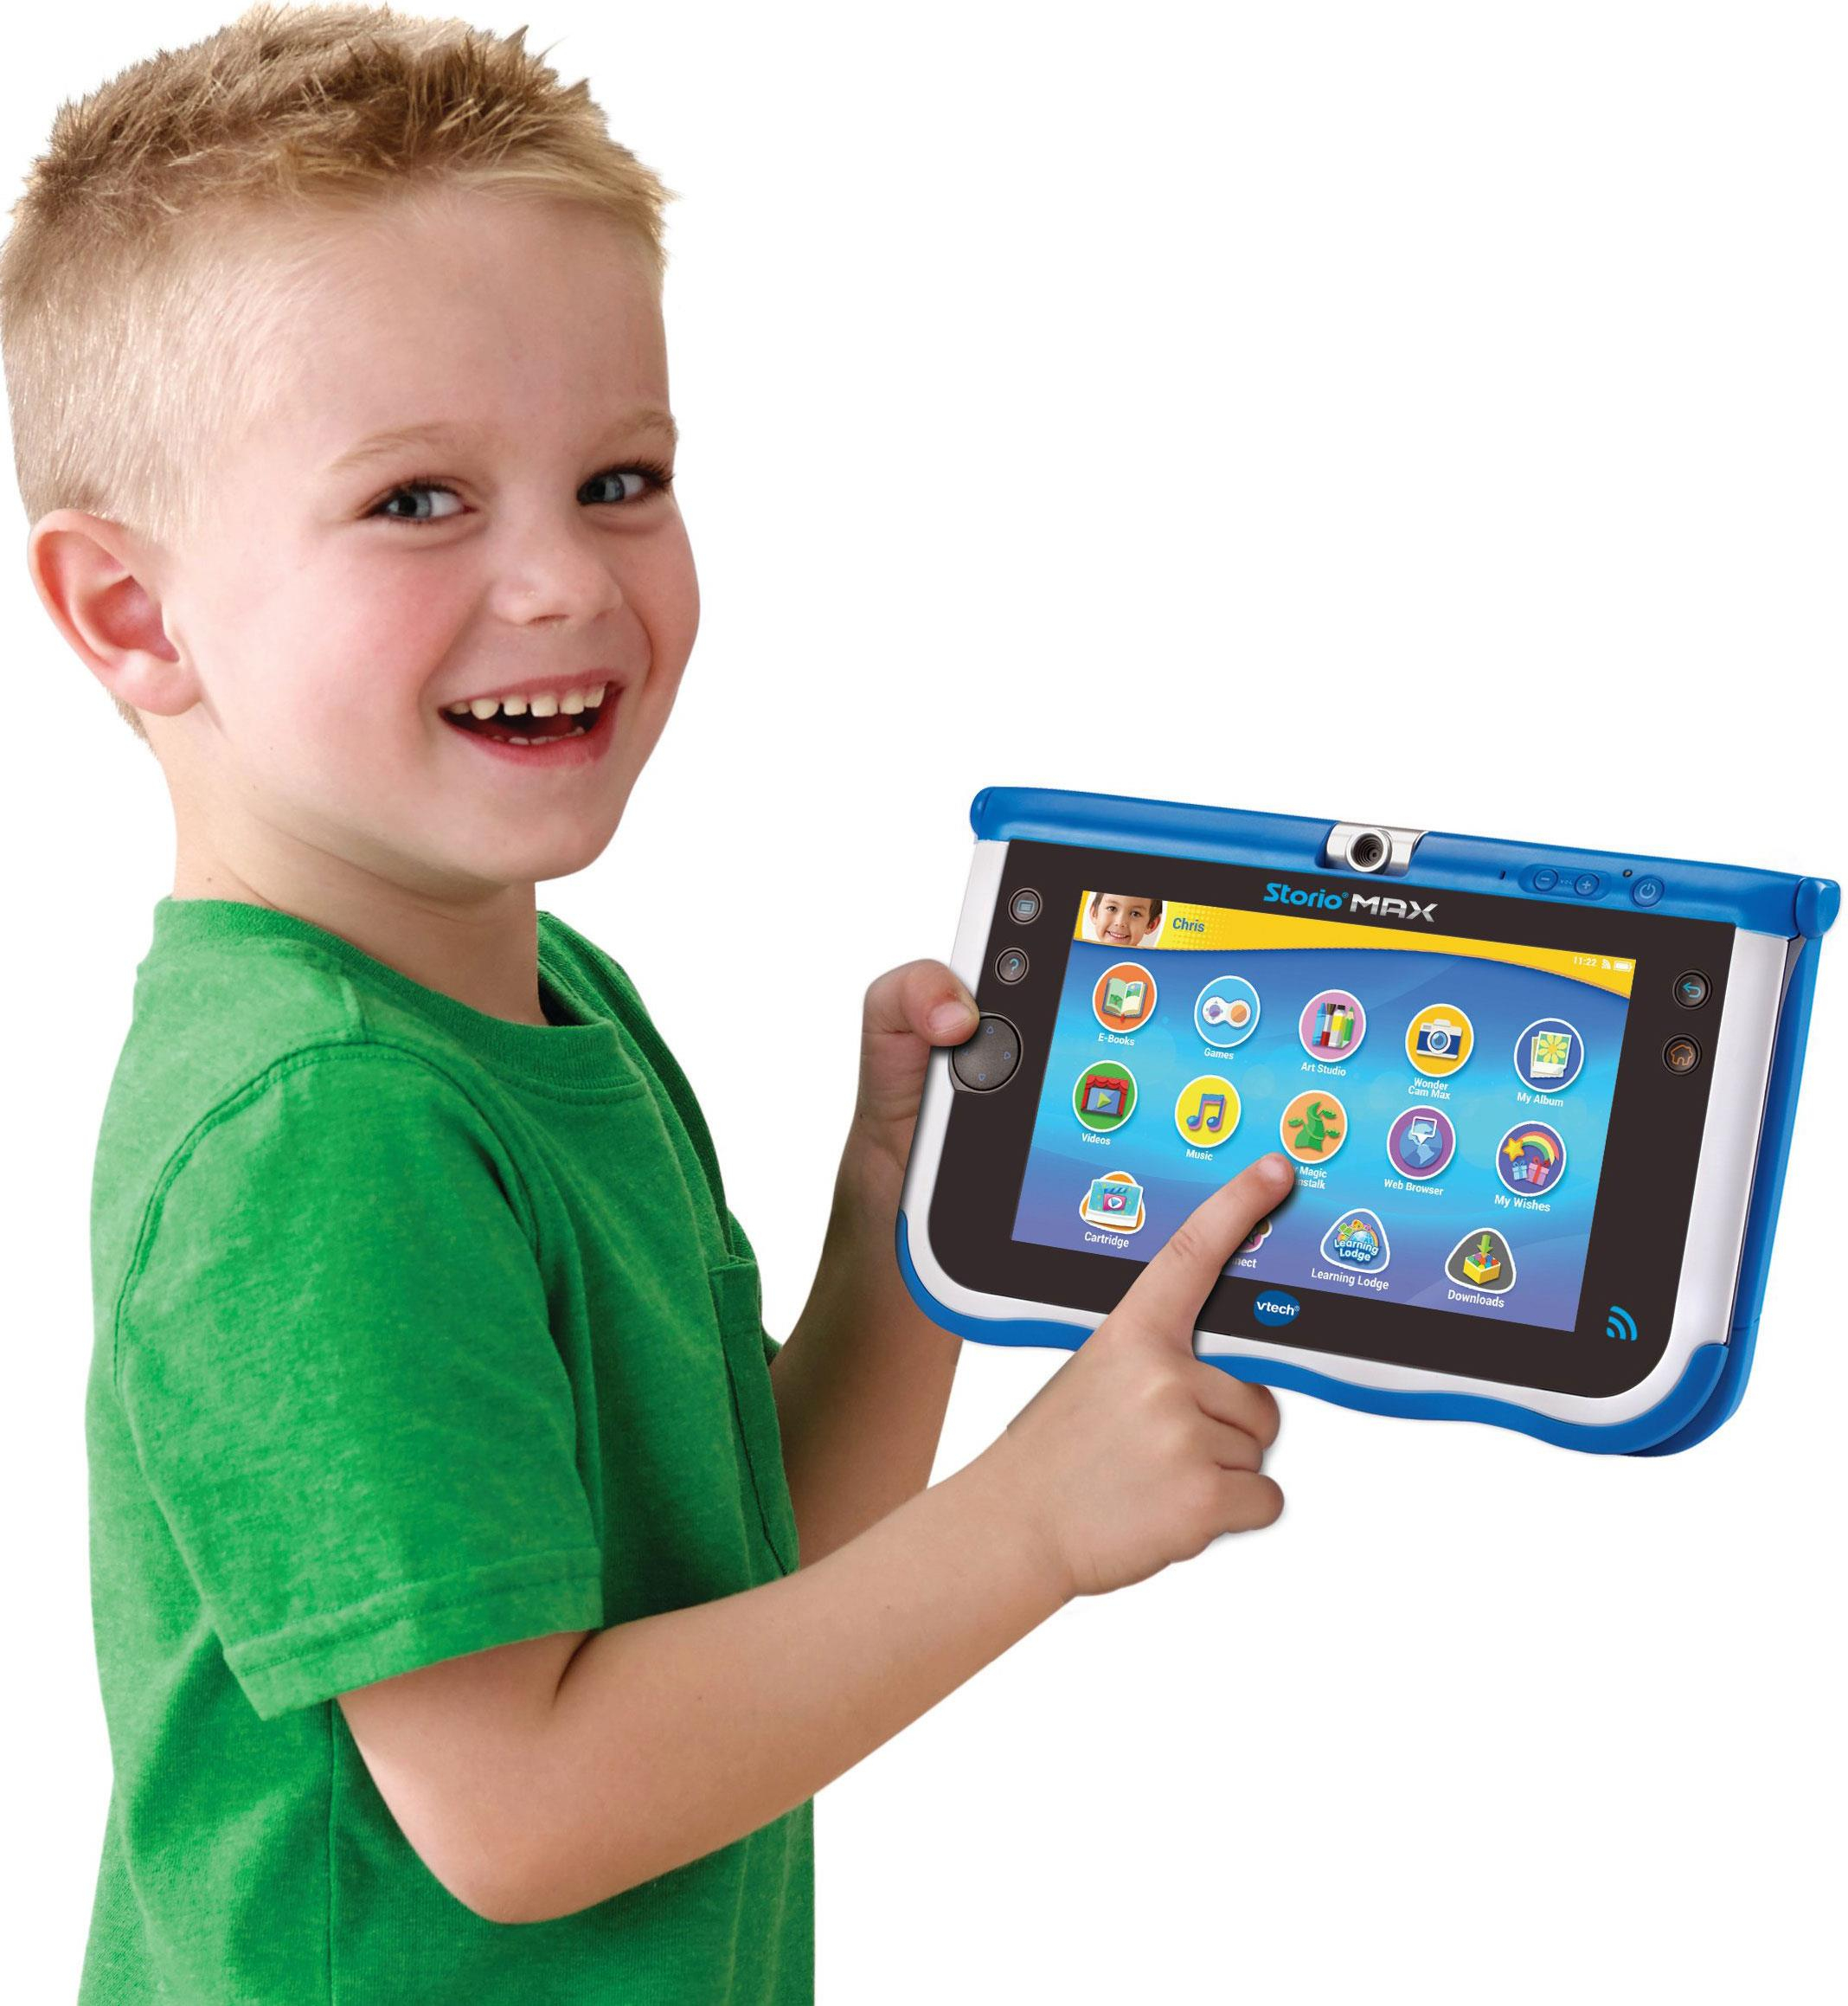 Storio Max, La Tablette Évolutive Des 3-11 Ans - Conseils D concernant Tablette Pour Enfant De 4 Ans